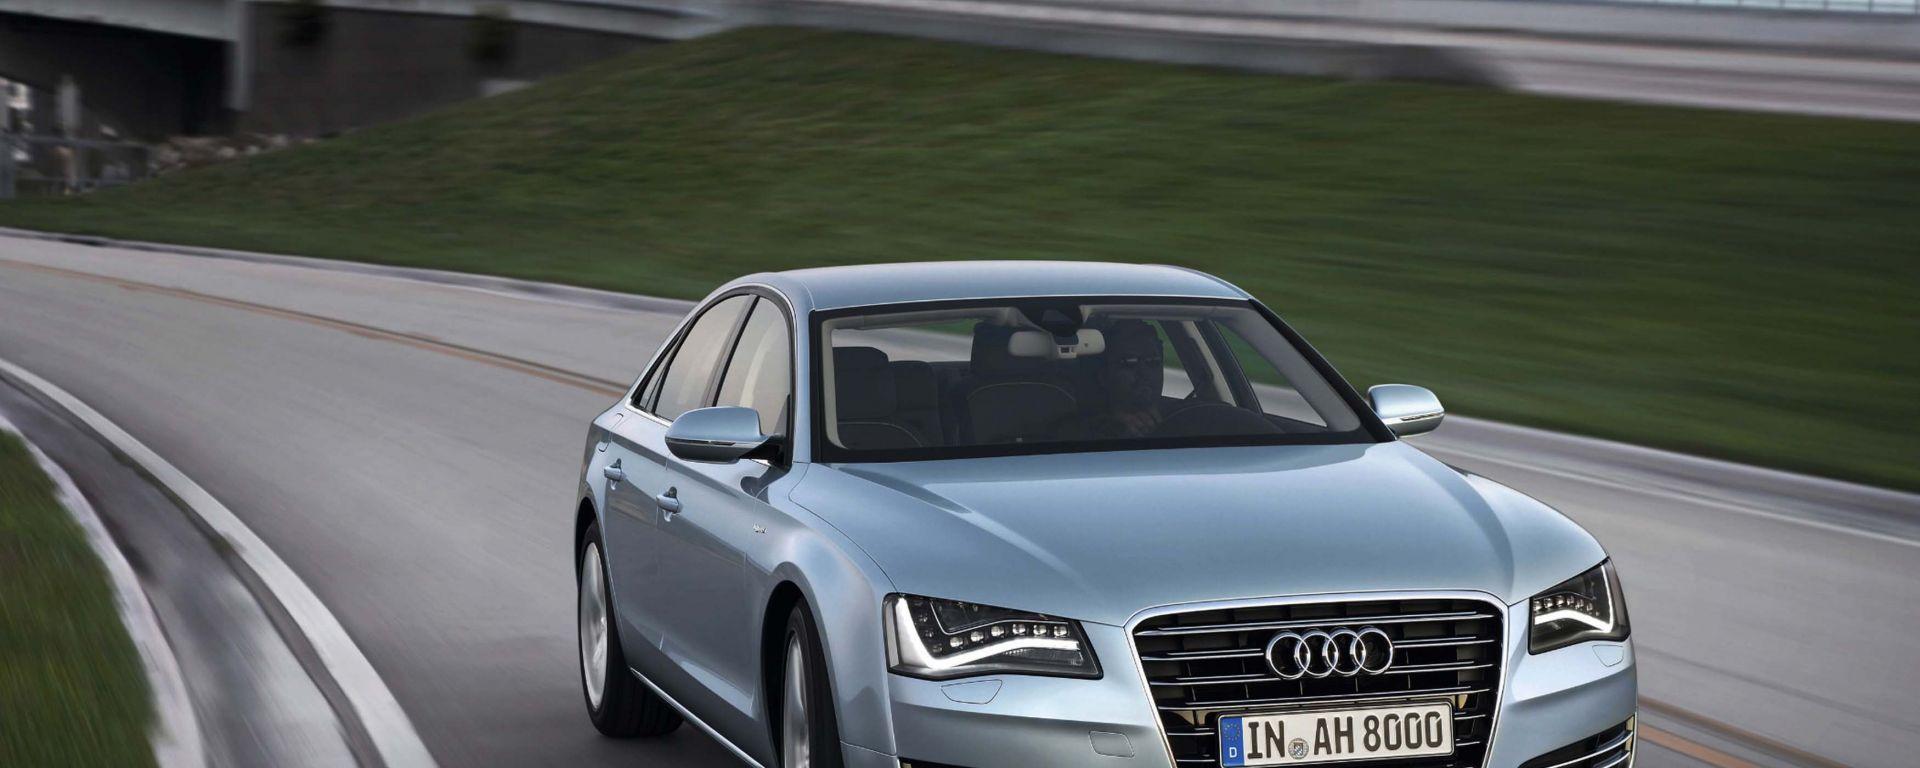 Audi A8 e A8L Hybrid